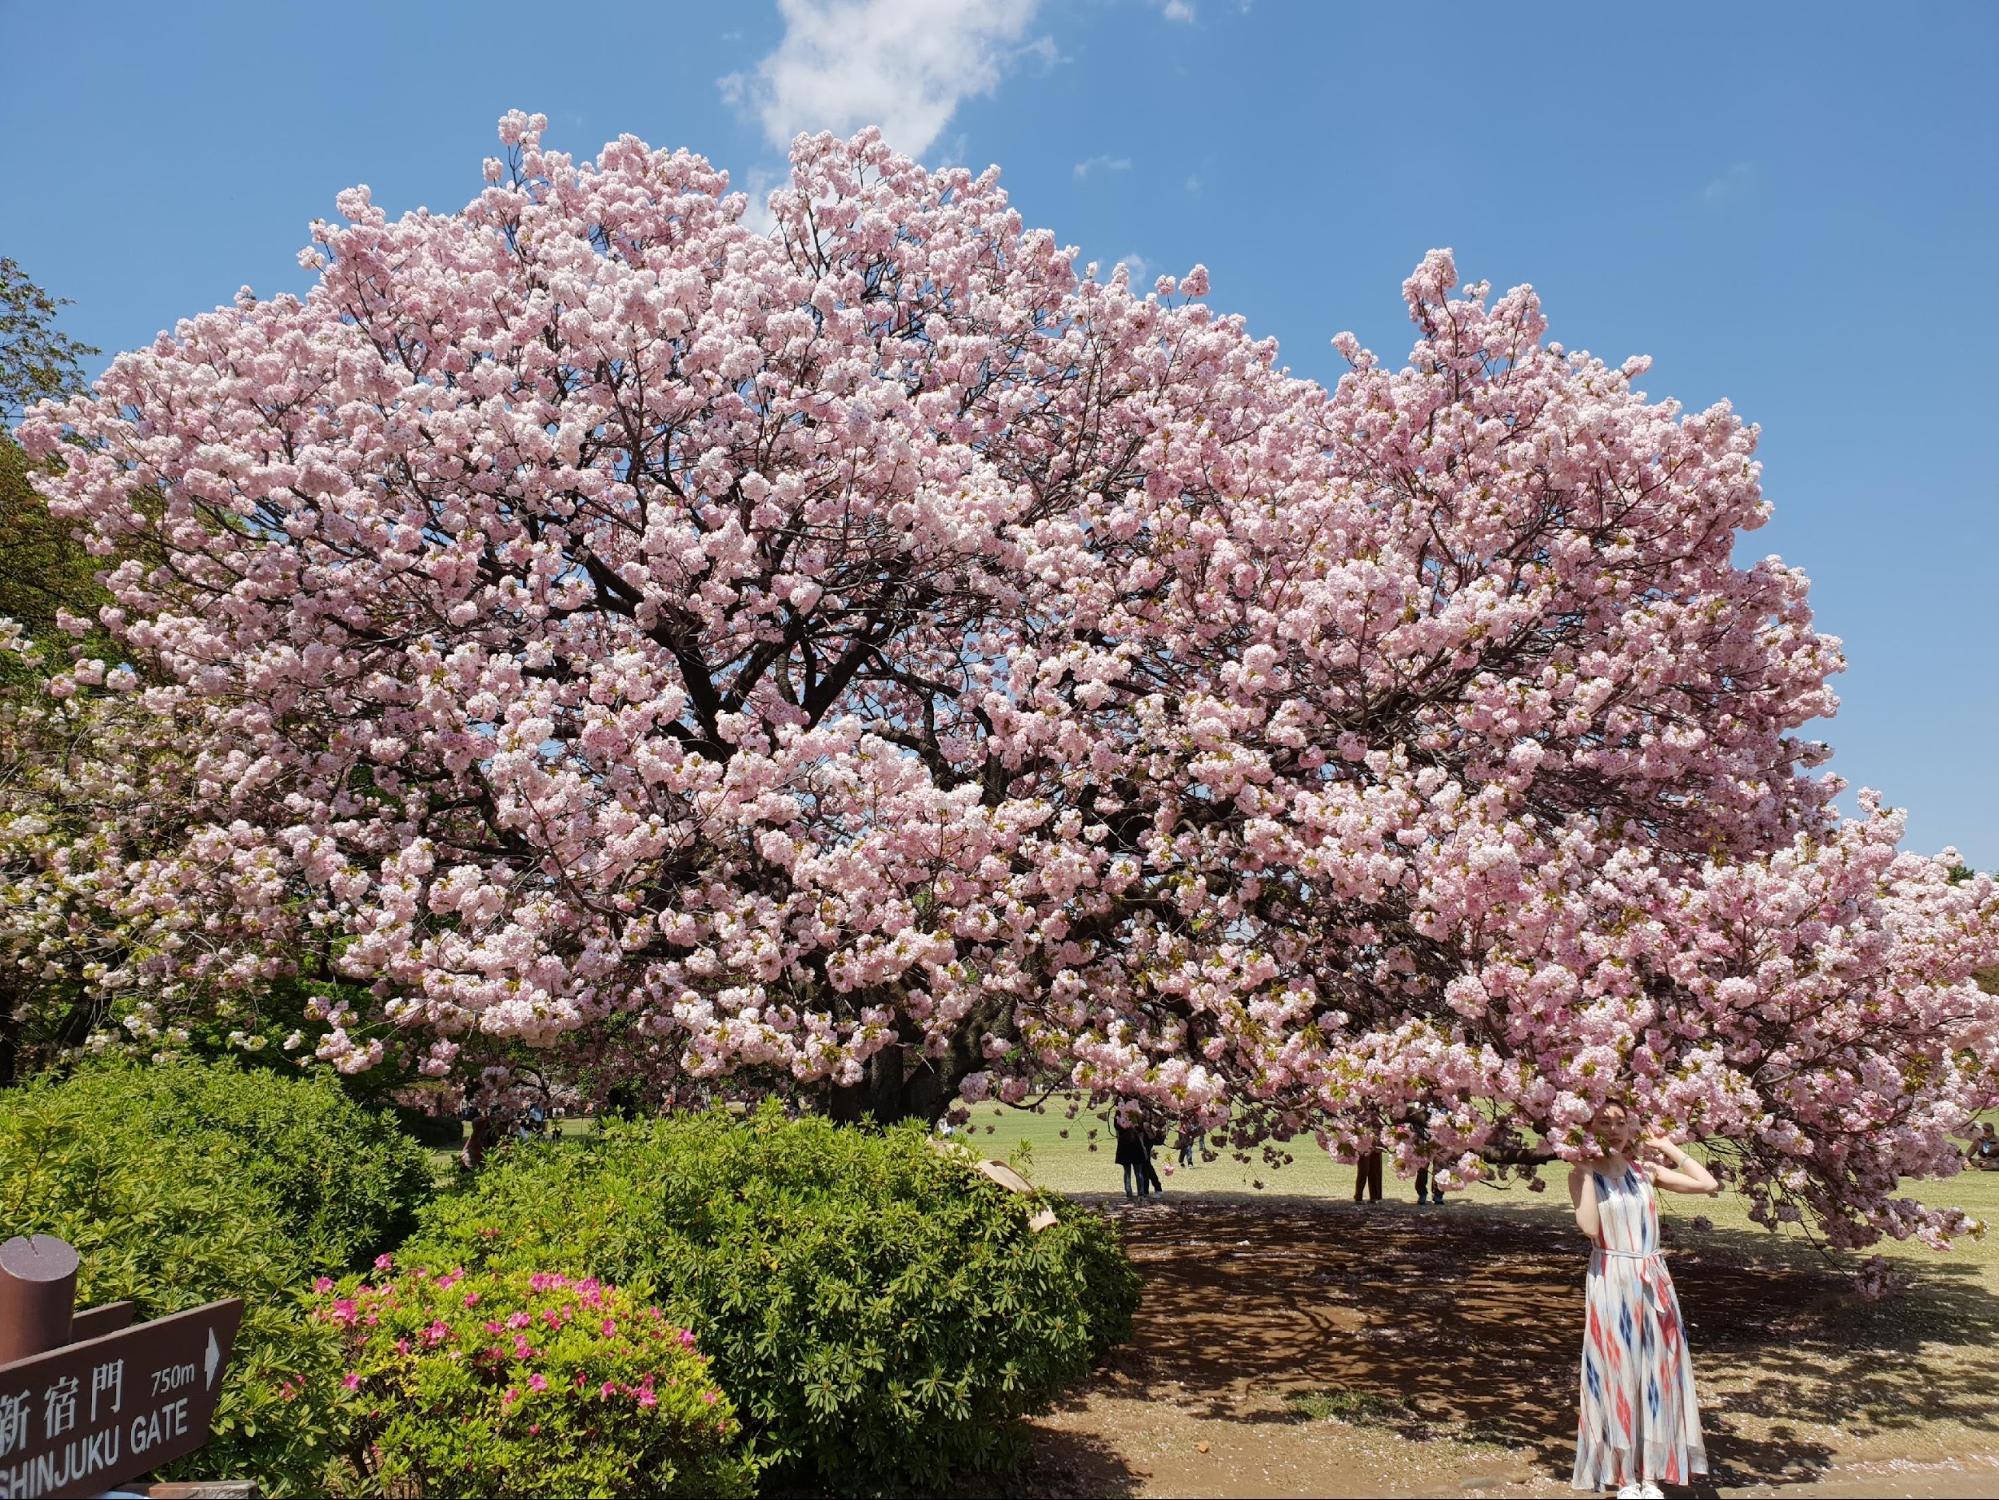 hoa anh đào tại công viên shinjuku